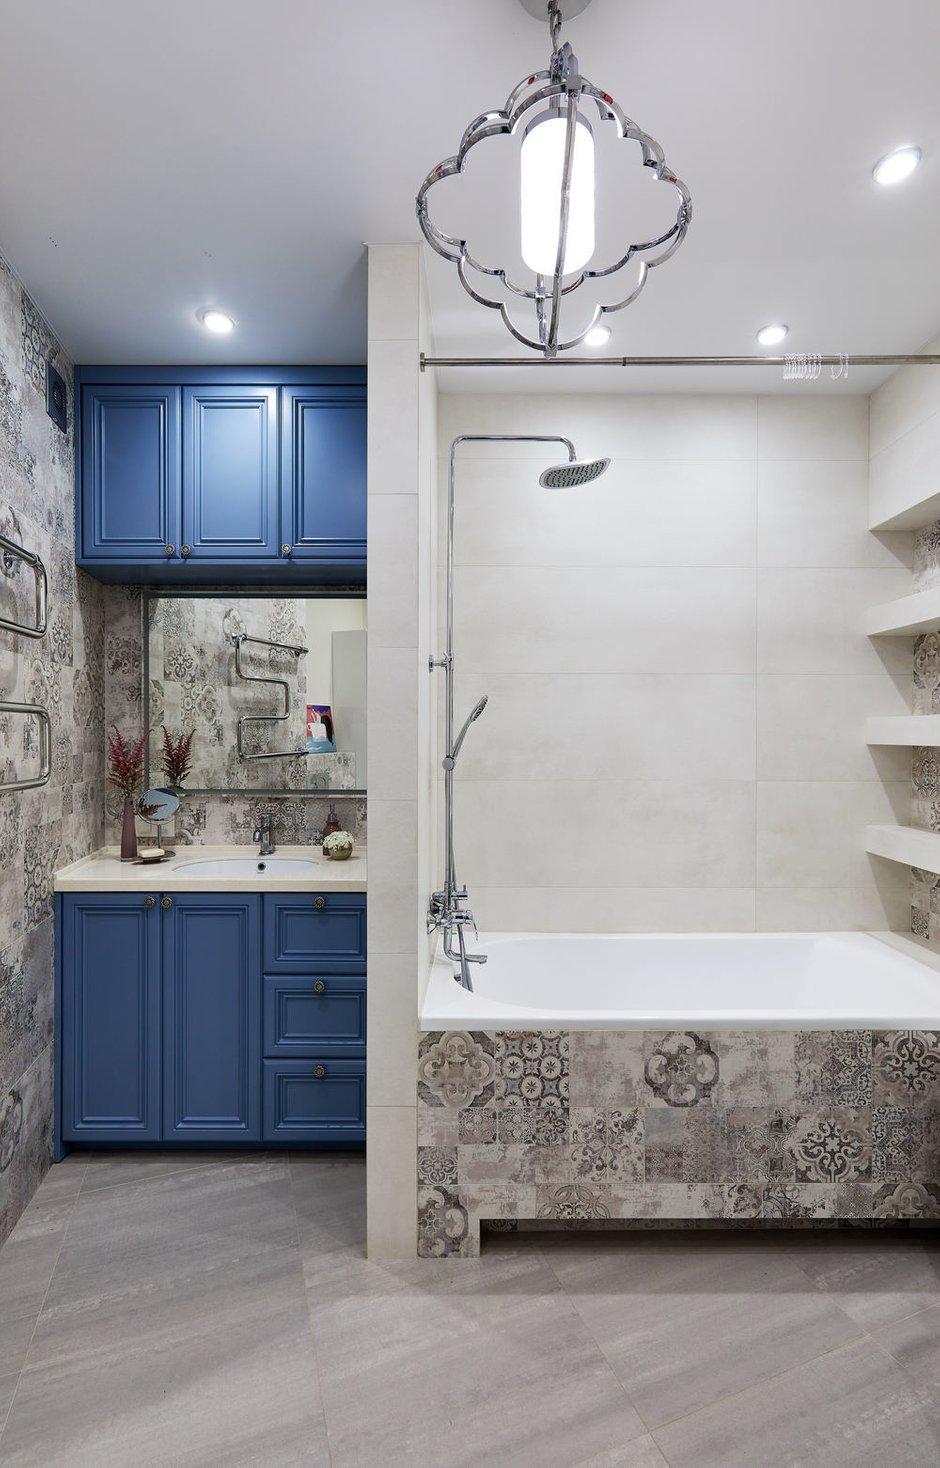 Фотография: Ванная в стиле Современный, Квартира, Проект недели, Долгопрудный, 4 и больше, Более 90 метров, Марина Каралкина – фото на INMYROOM